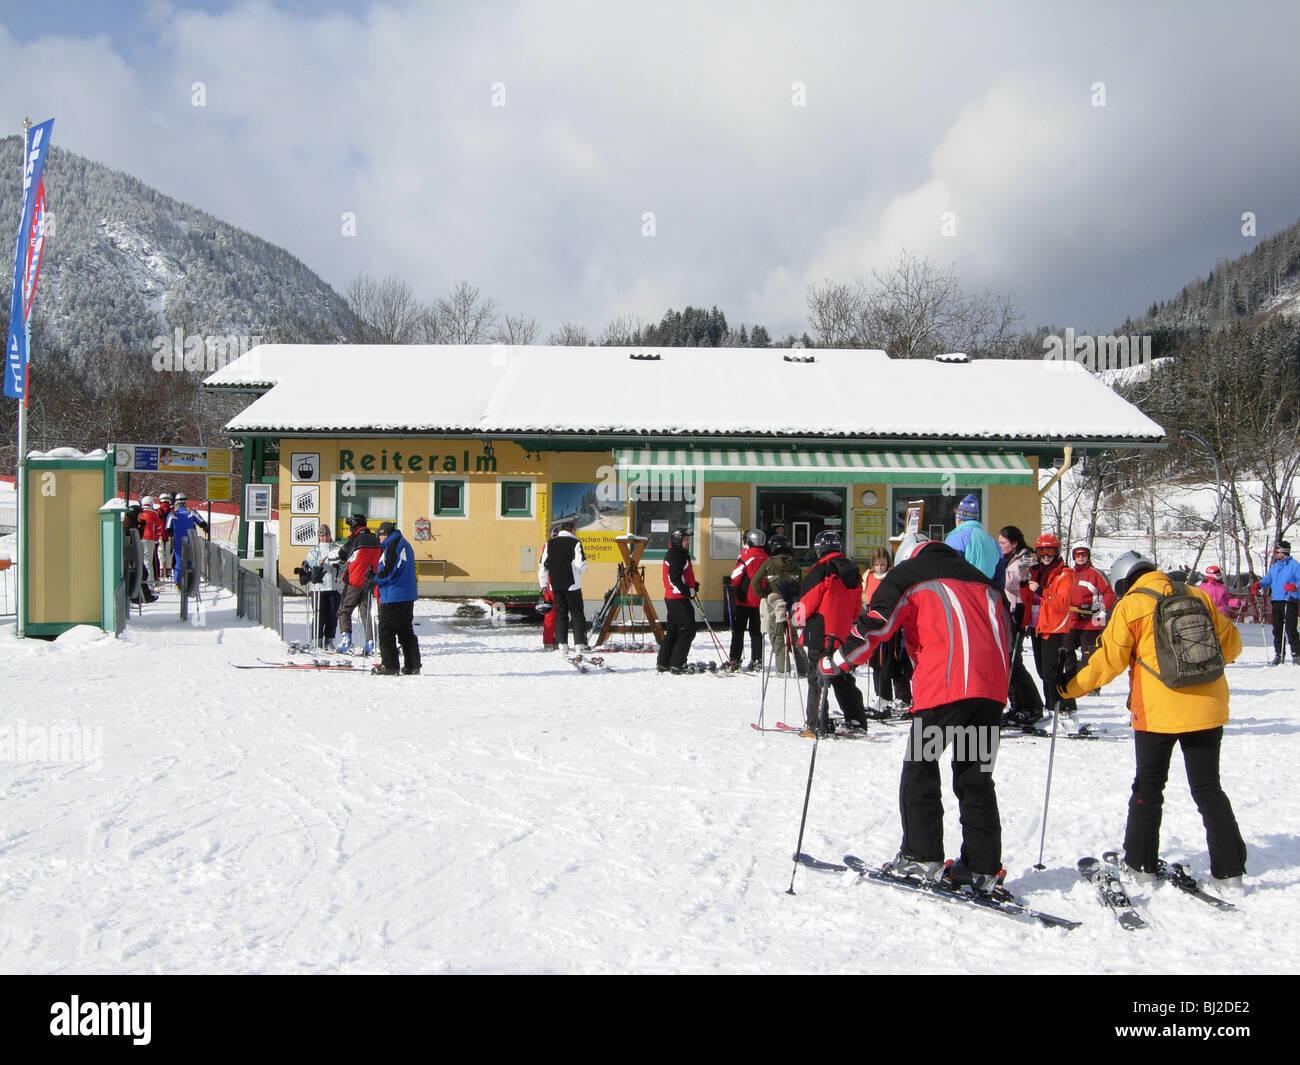 Reiteralm Skilift im Dorf von Pichl Austria Stockfoto